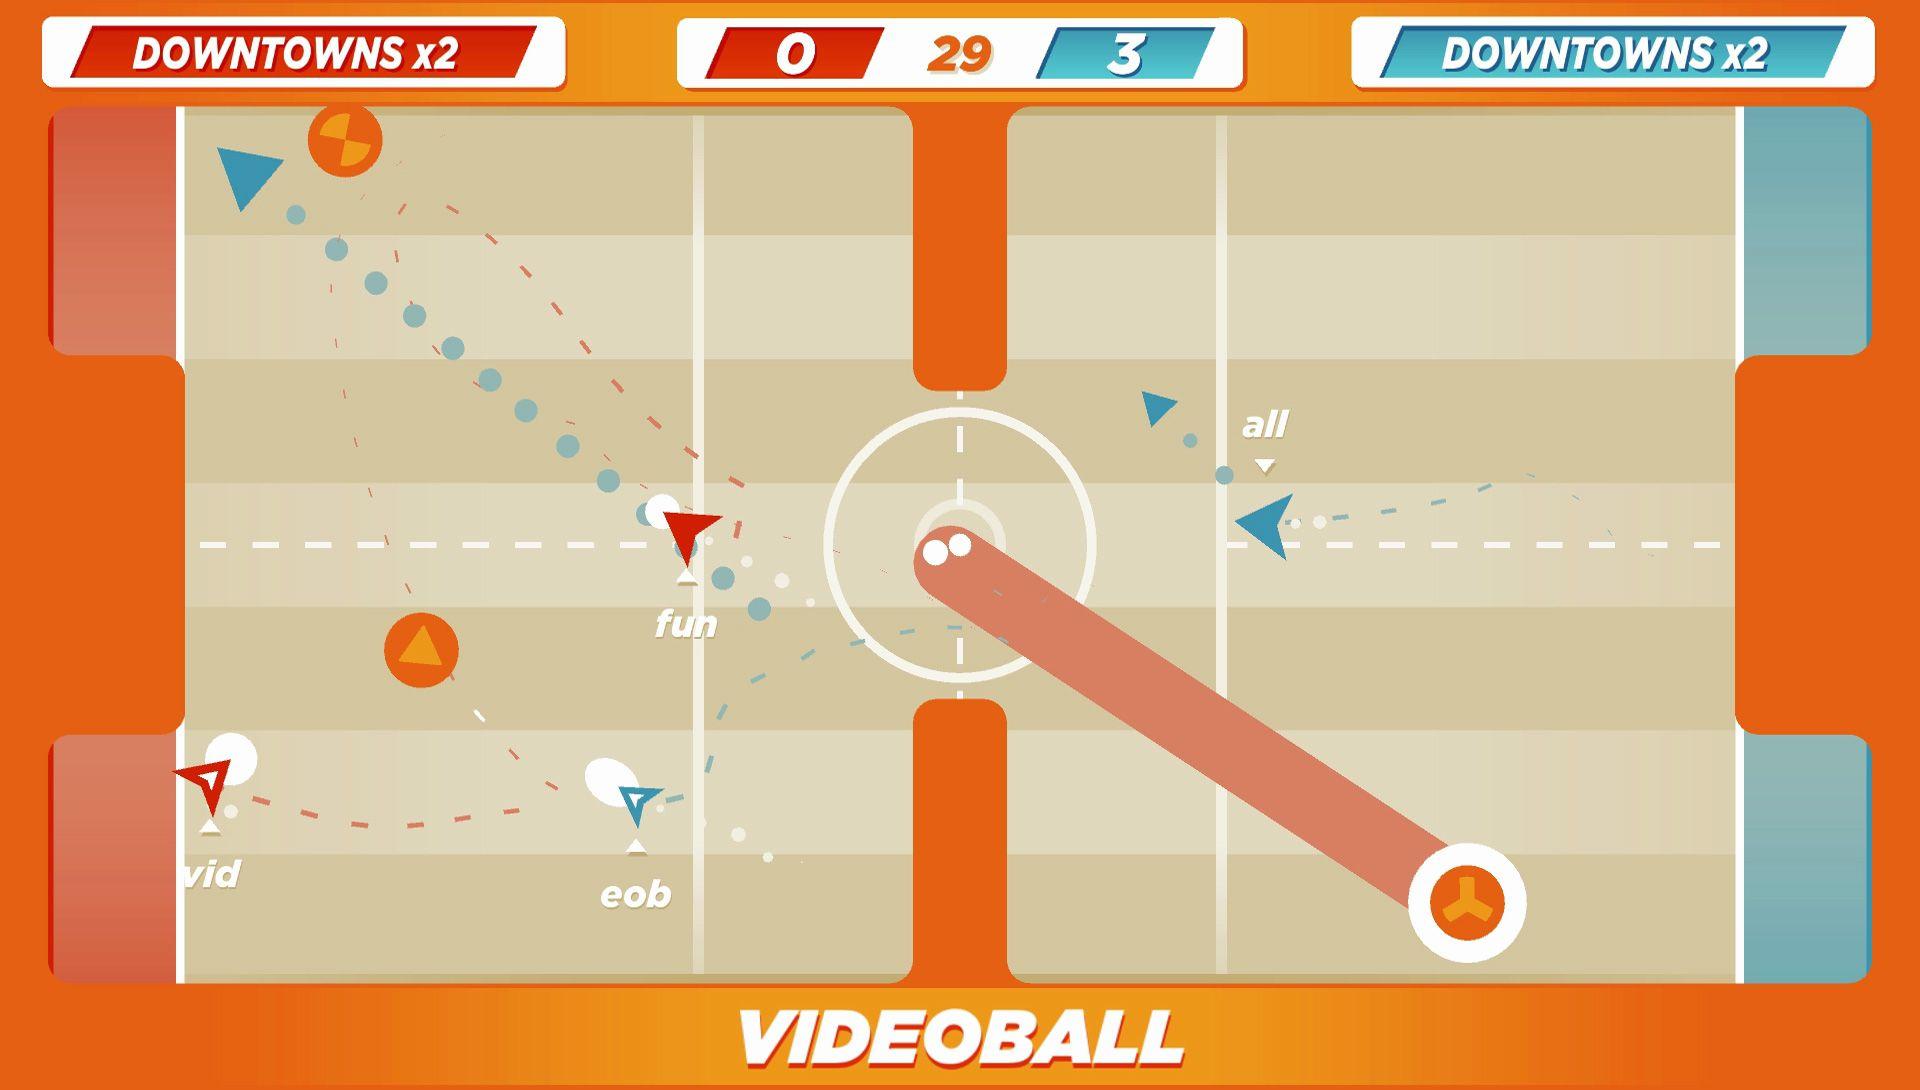 Videoball screenshot 33 1920